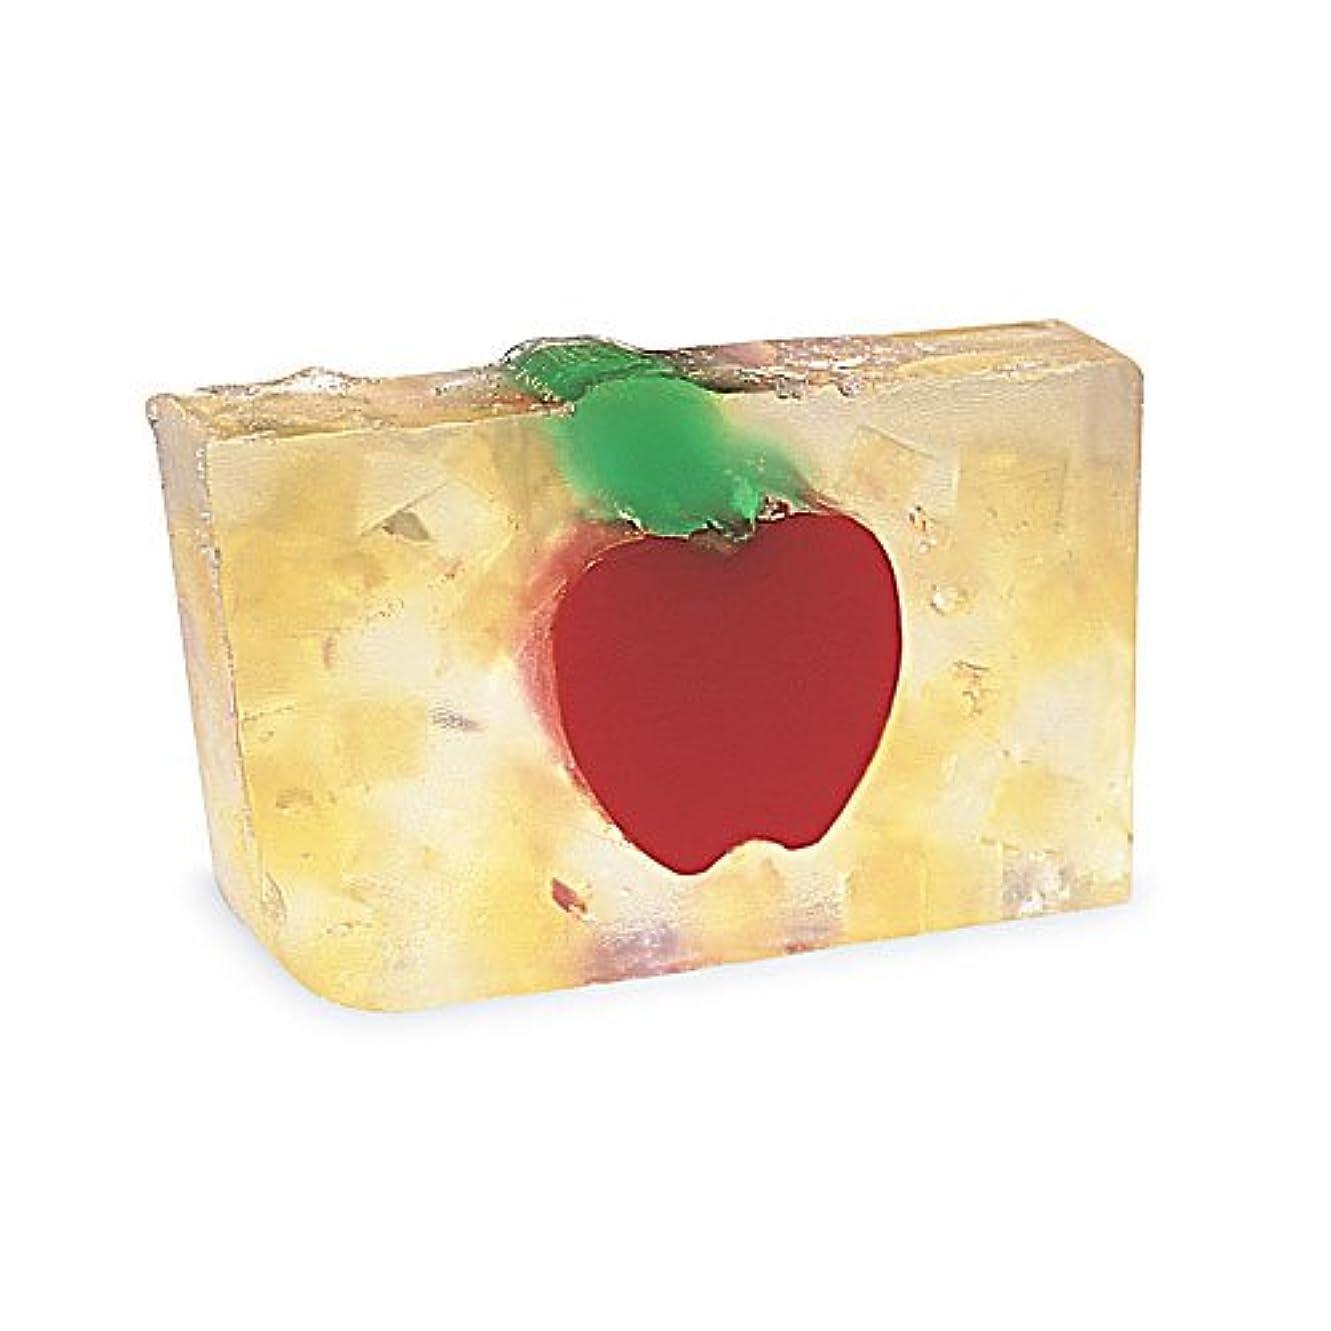 トライアスロン風景舞い上がるプライモールエレメンツ アロマティック ソープ ビッグアップル 180g 植物性 ナチュラル 石鹸 無添加